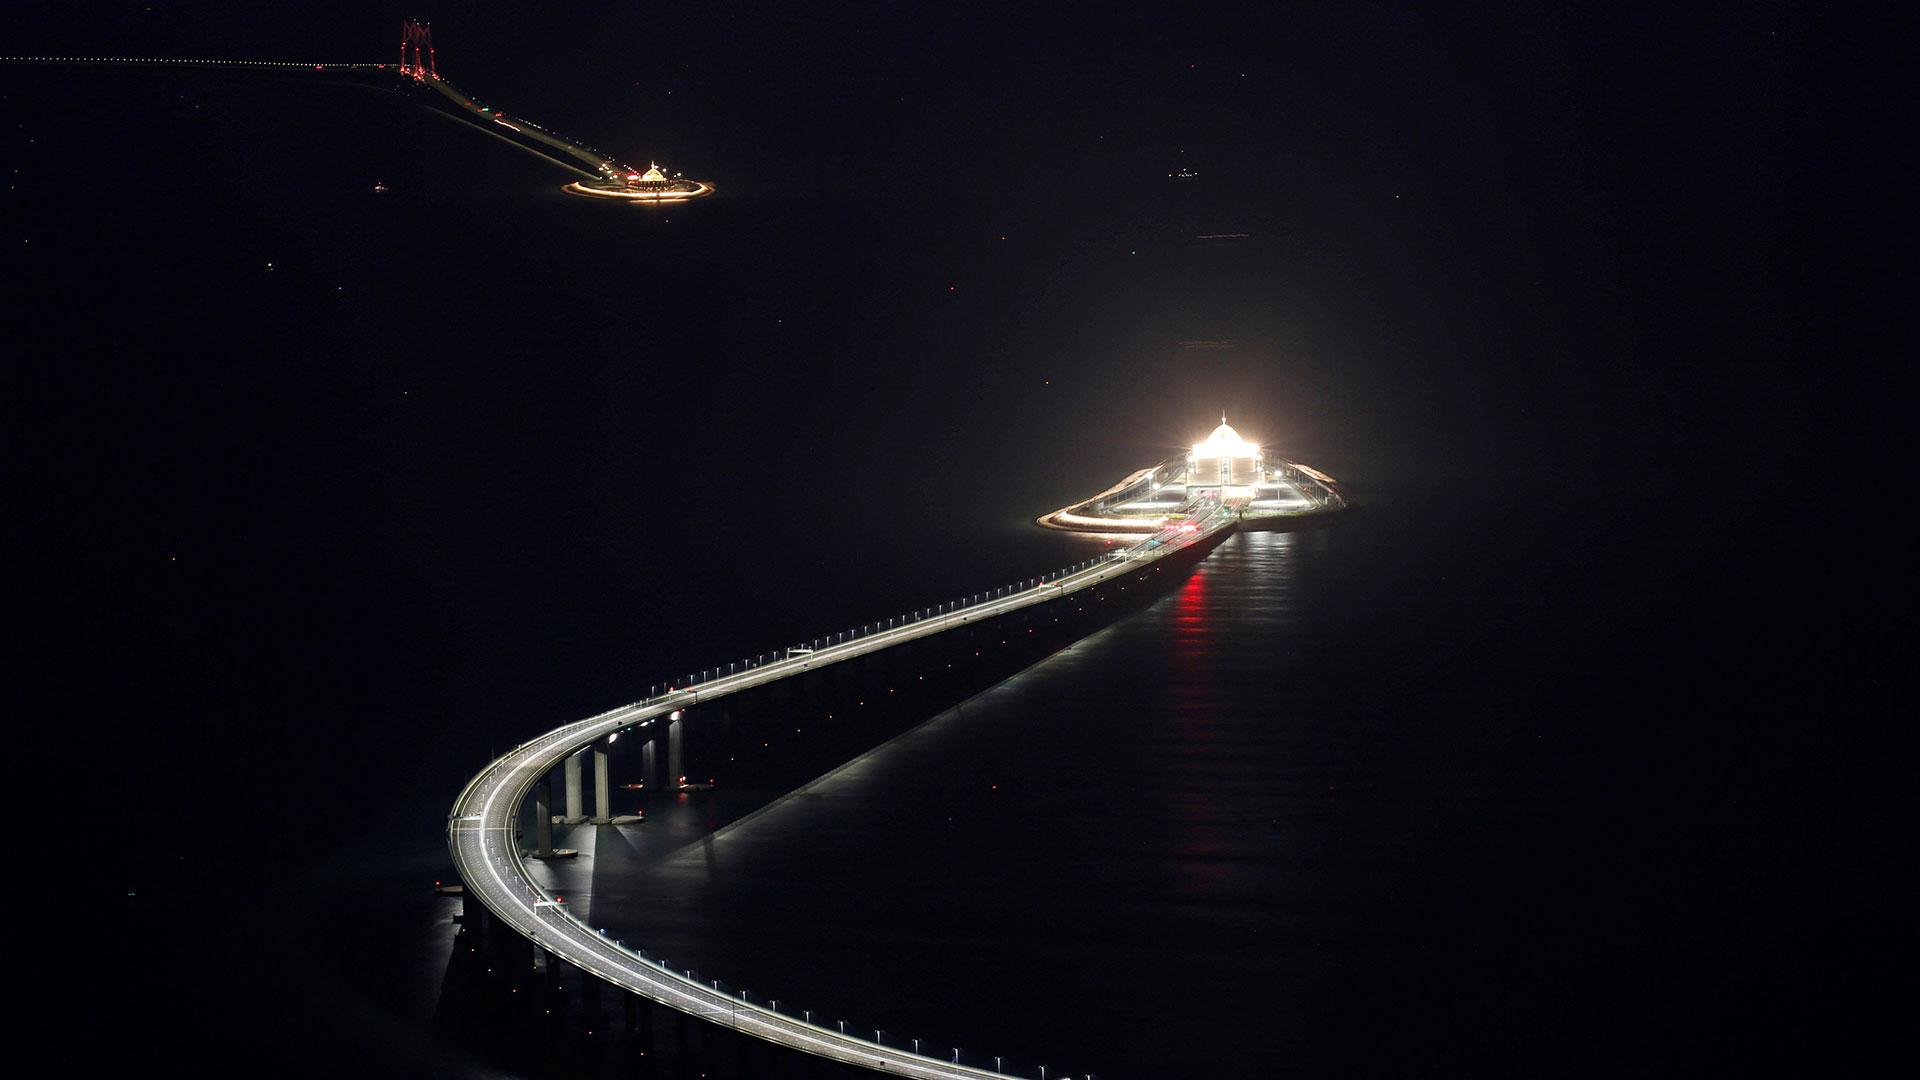 Pasado uno de los túneles, la carretera sube de nuevo hacia un puente que llega hasta la isla hongkonesa de Lantau y la gigantesca isla artificial donde se construyó el aeropuerto internacional de esta ex colonia británica